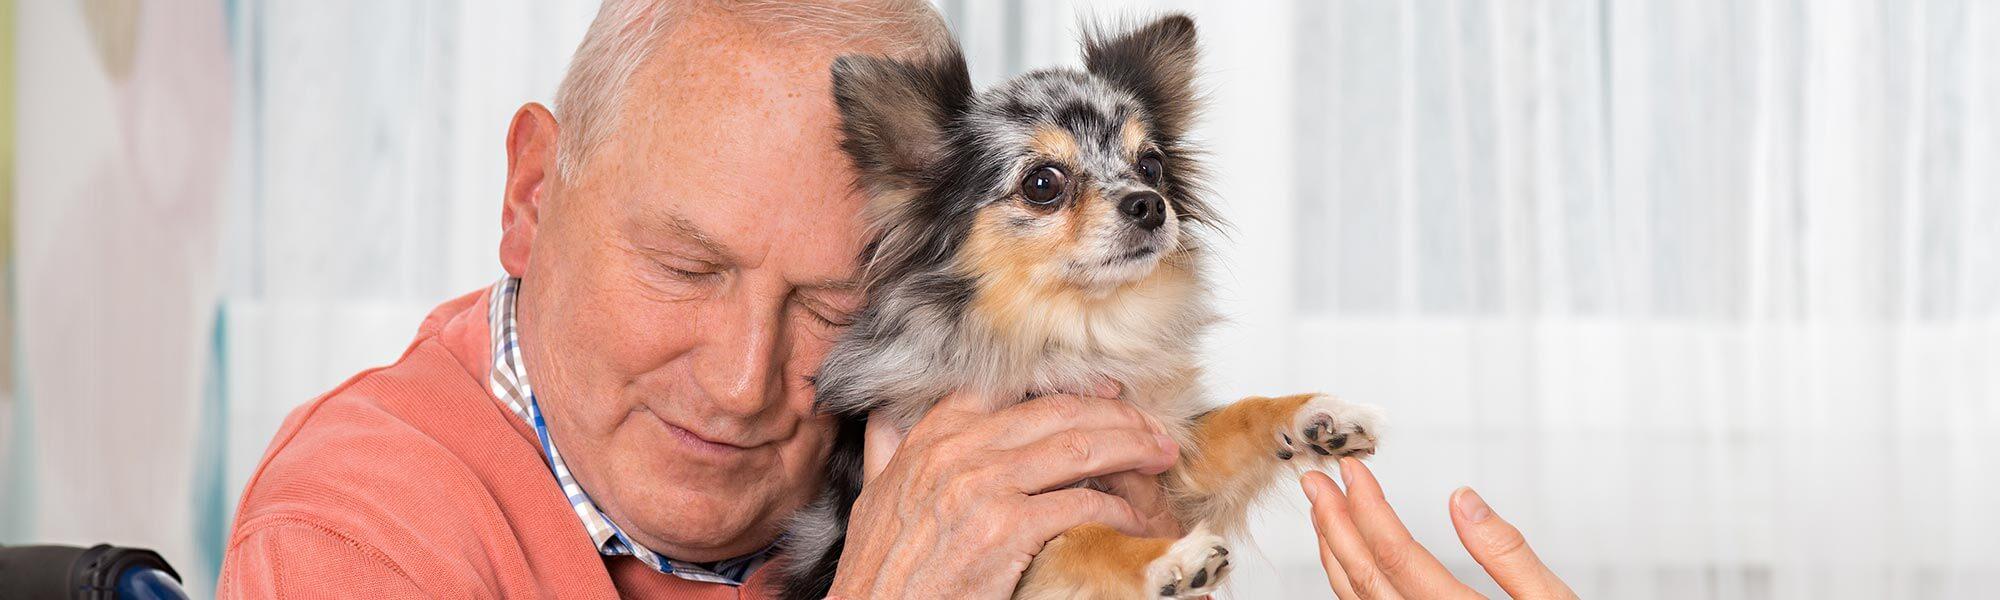 Terapihund og ældre mand